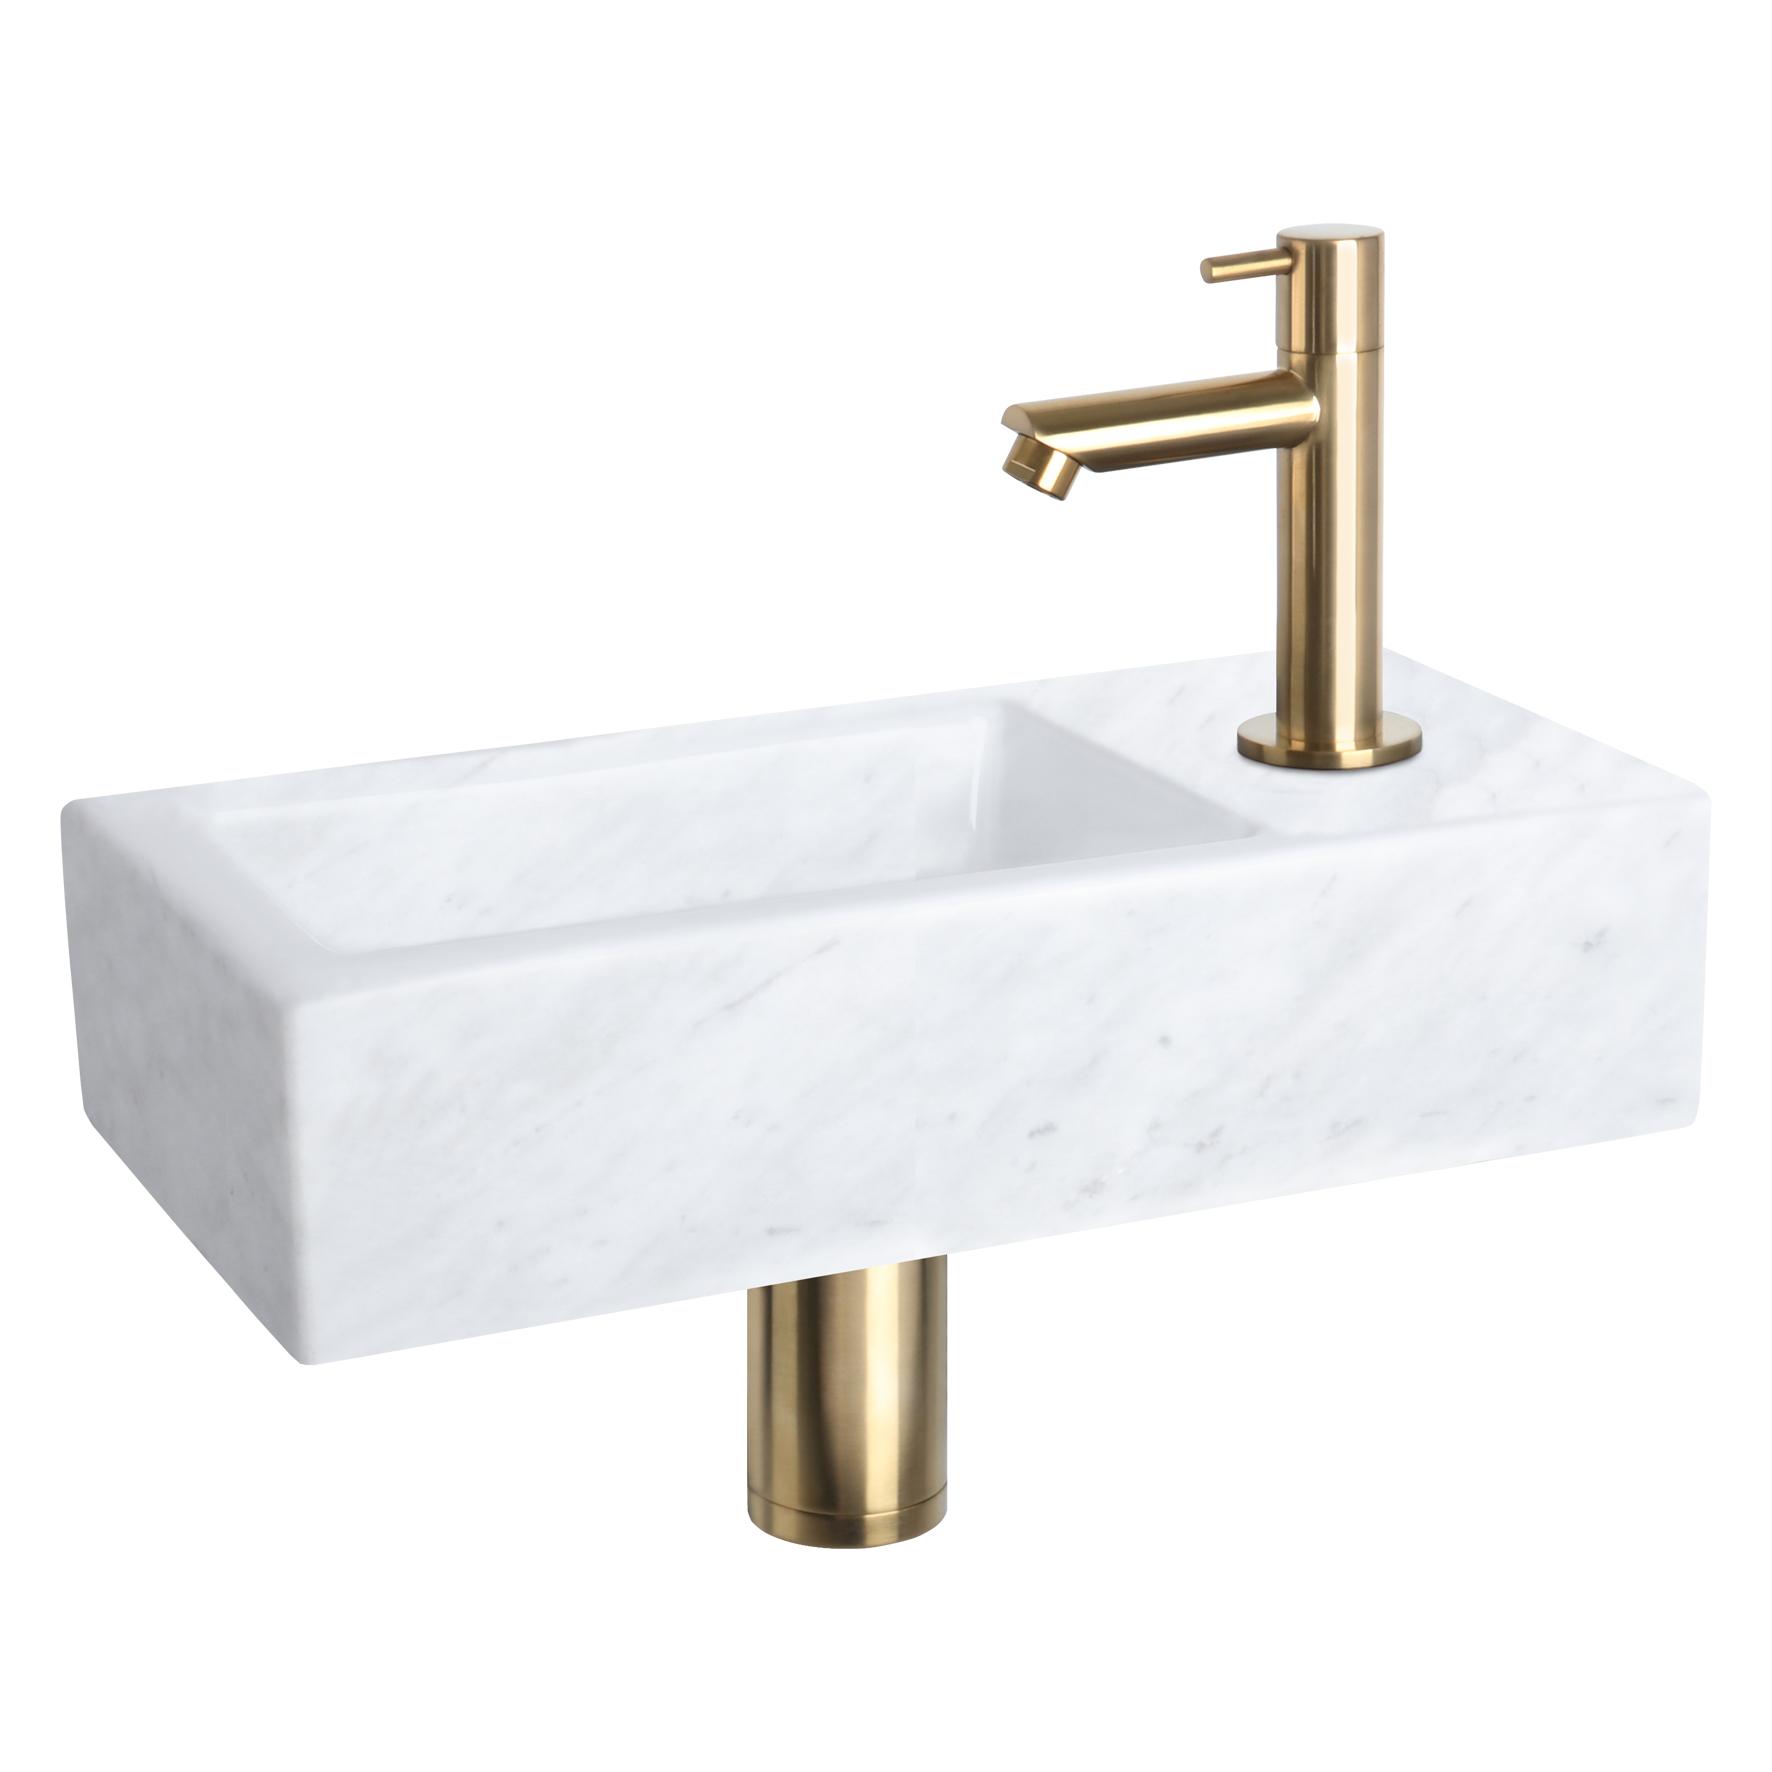 Helios fonteinset - Marmer - Kraan recht mat goud